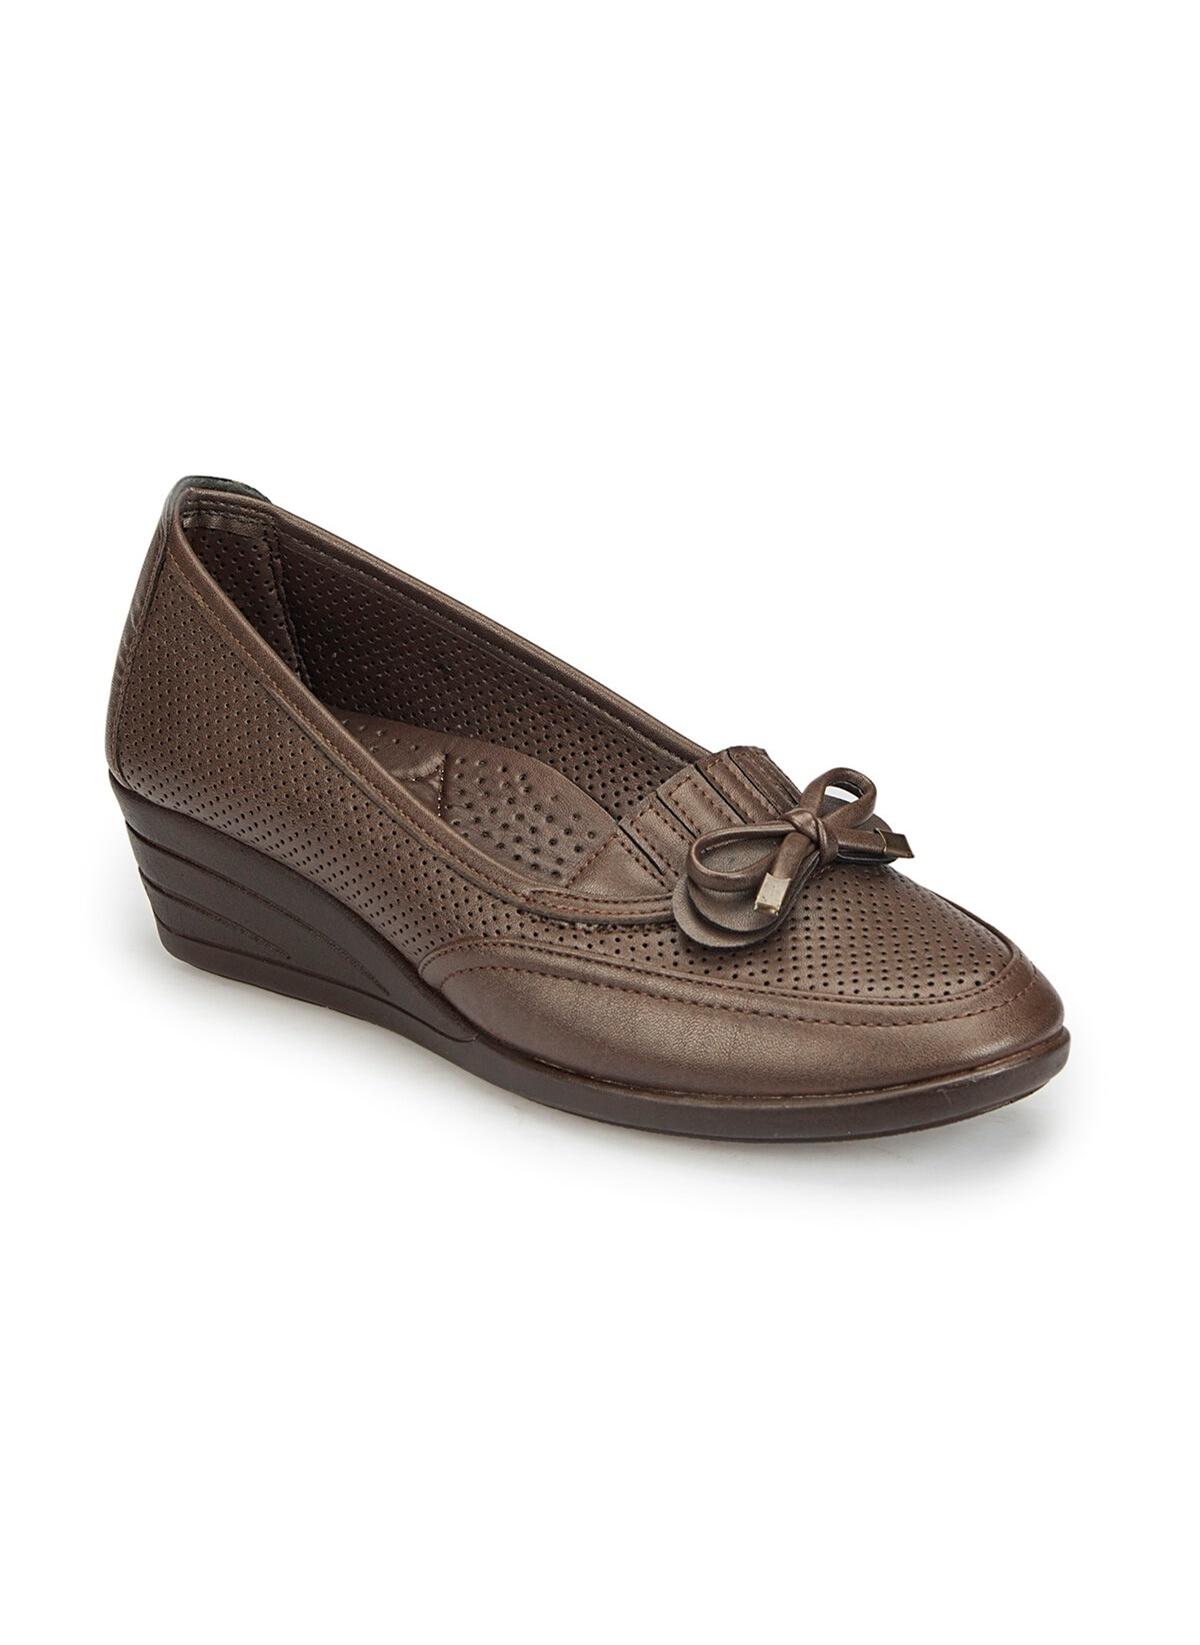 Polaris Ayakkabı 81.158482.z Basic Comfort – 59.99 TL